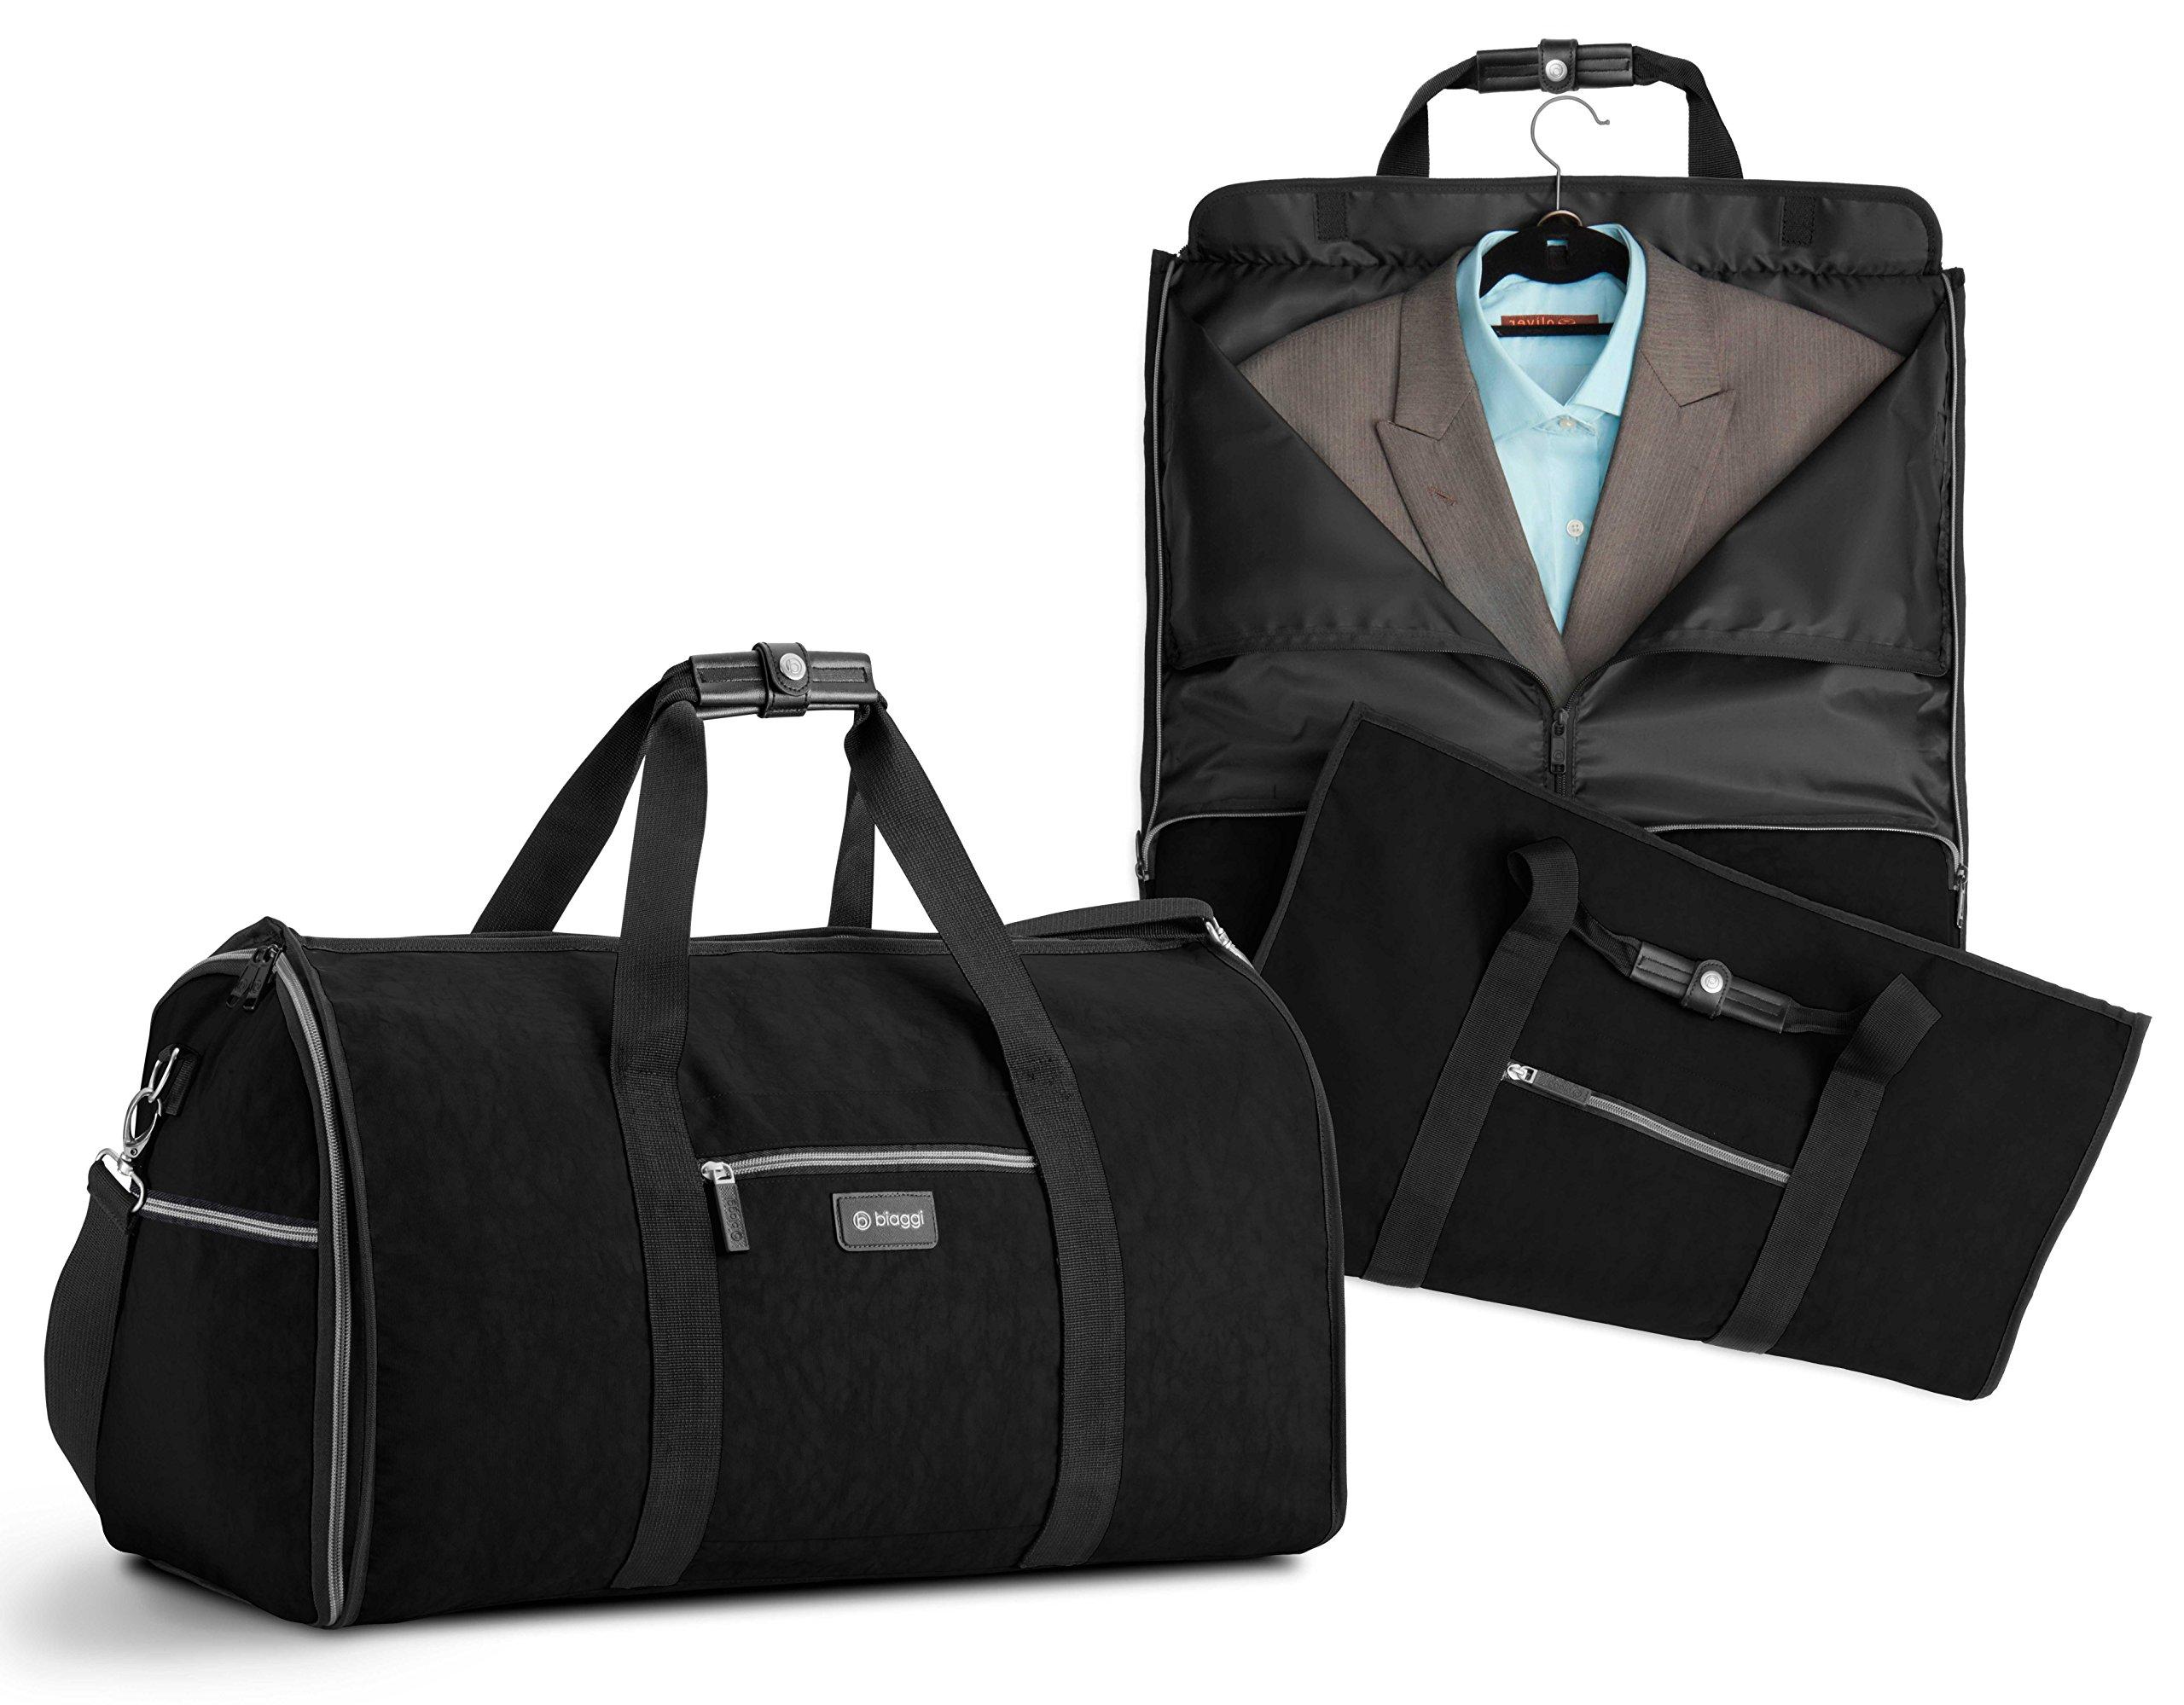 Biaggi-Luggage-Hangeroo-Duffle